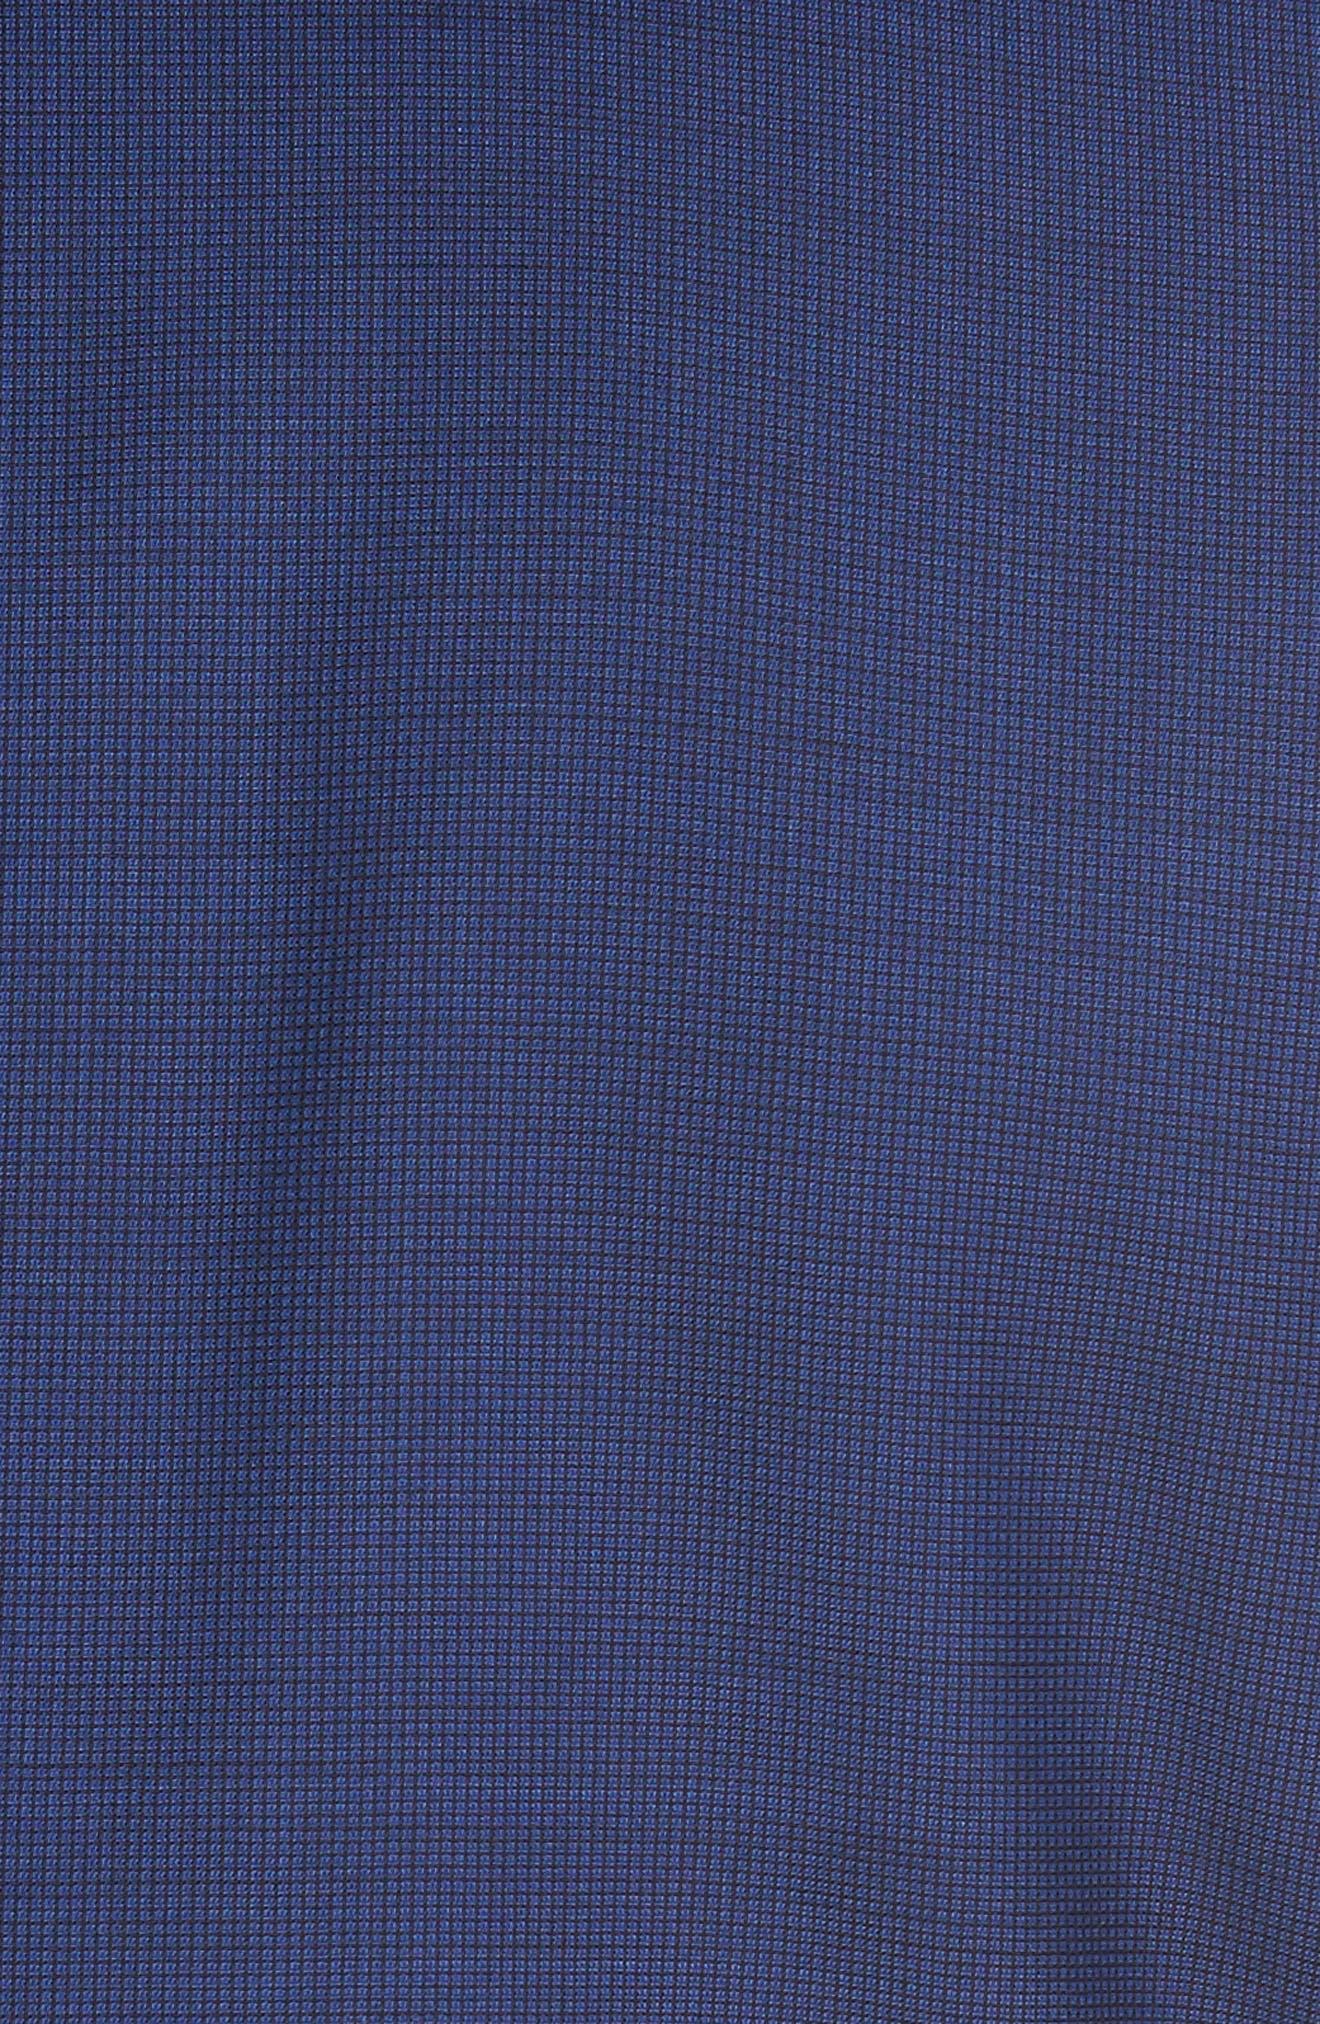 Trim Fit Solid Wool Suit,                             Alternate thumbnail 7, color,                             430